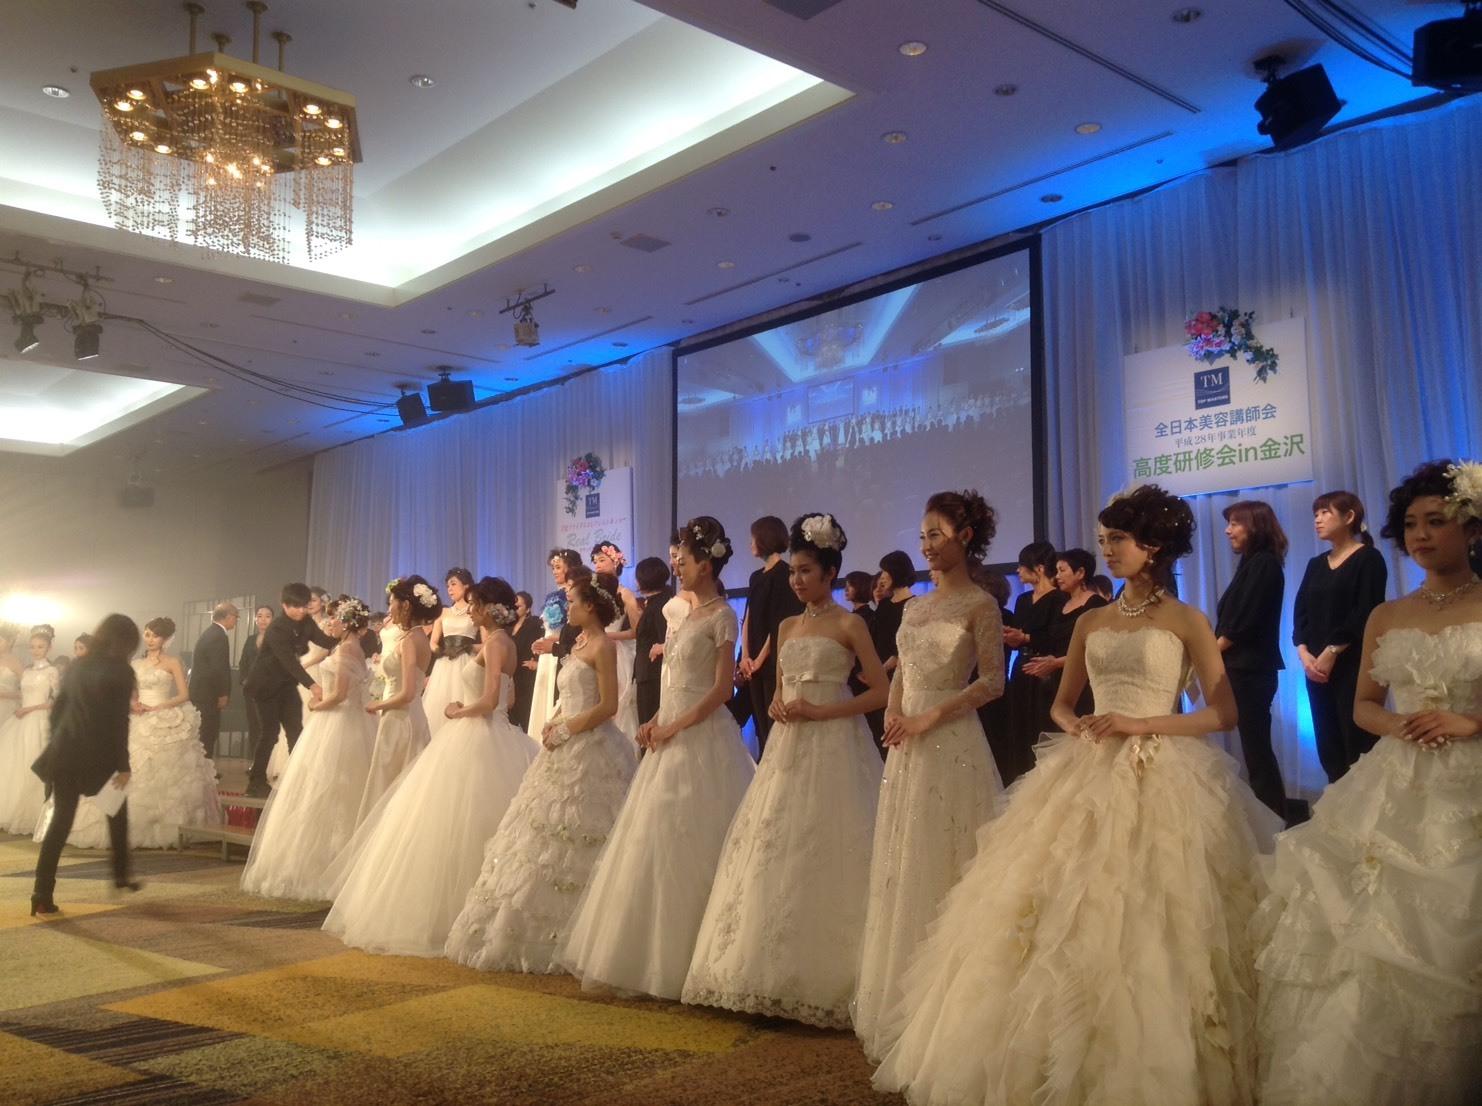 美容組合高度研修in金沢にて行われたコレクション形式のブライダルイベント_a0327601_14023626.jpg